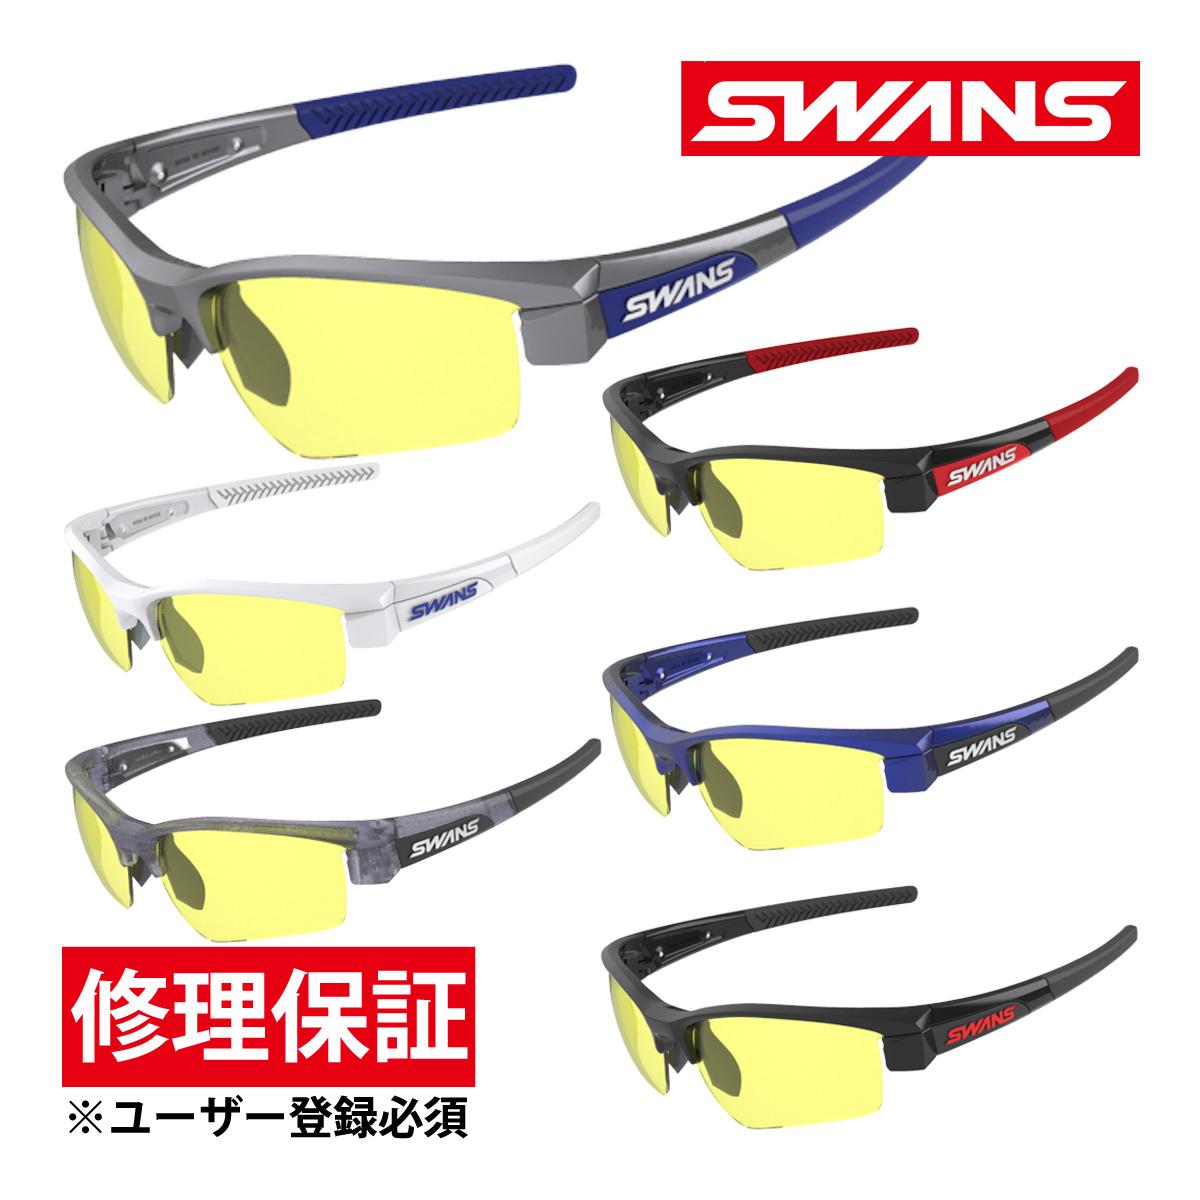 サングラス 両面クラリテックスコートレンズ スポーツ メンズ レディース LION SIN フレーム+L-LI SIN-0411 Y 撥水加工 おすすめ 人気 SWANS スワンズ